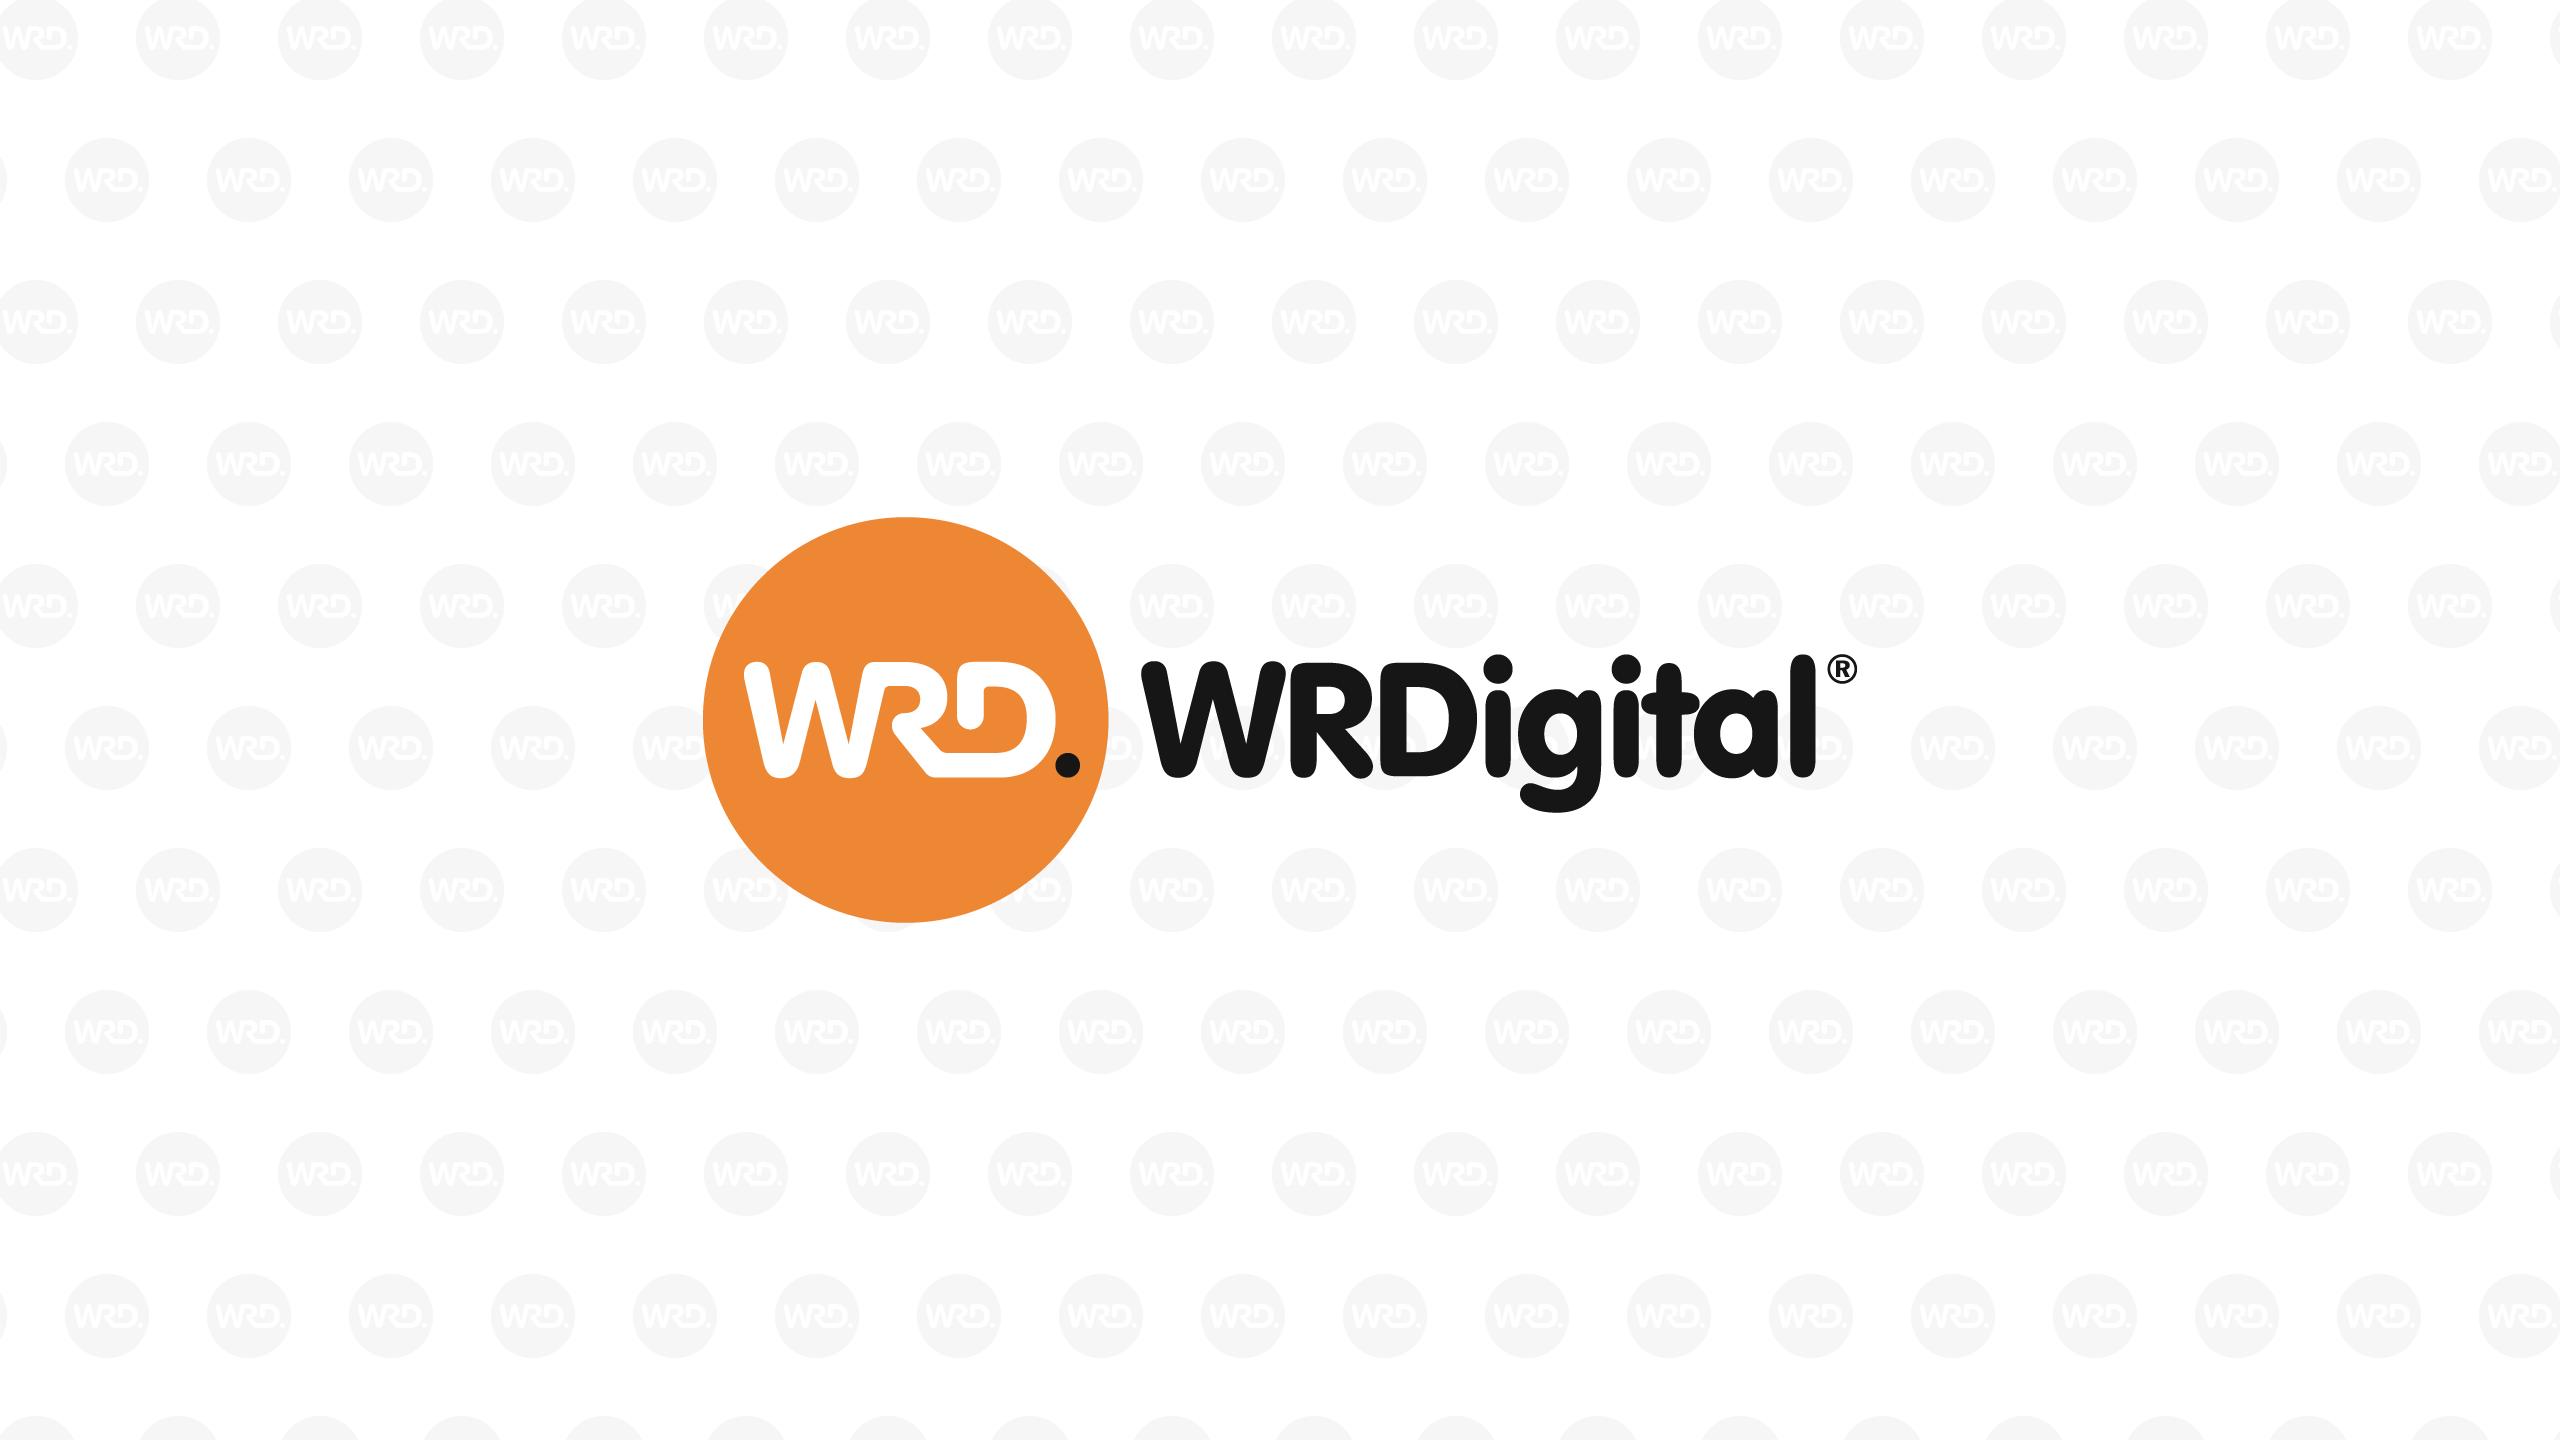 Wrdigital Social Media